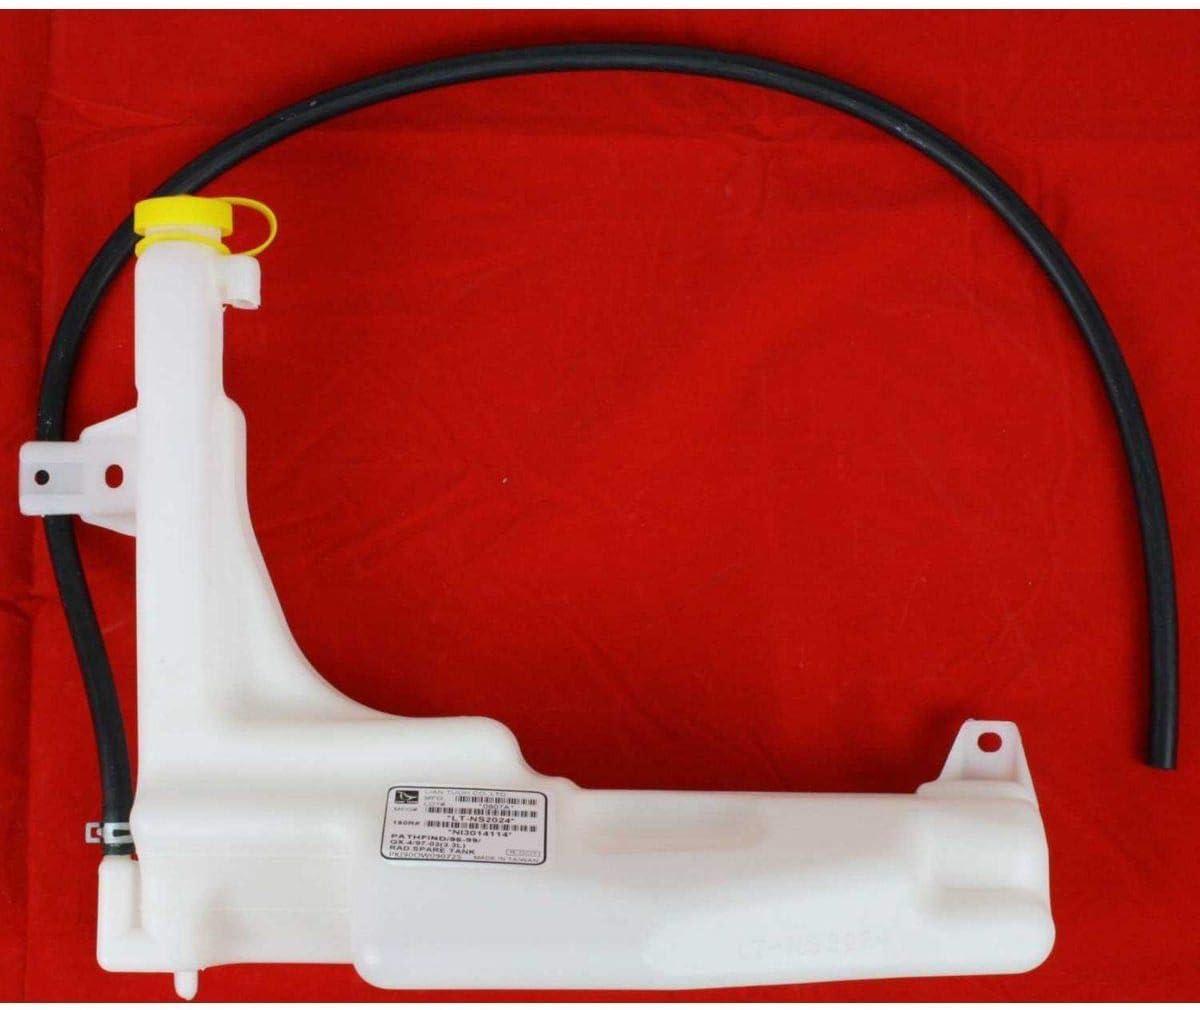 Coolant Reservoir For 96-99 Nissan Pathfinder 97-2000 Infiniti QX4 w//cap /& hose